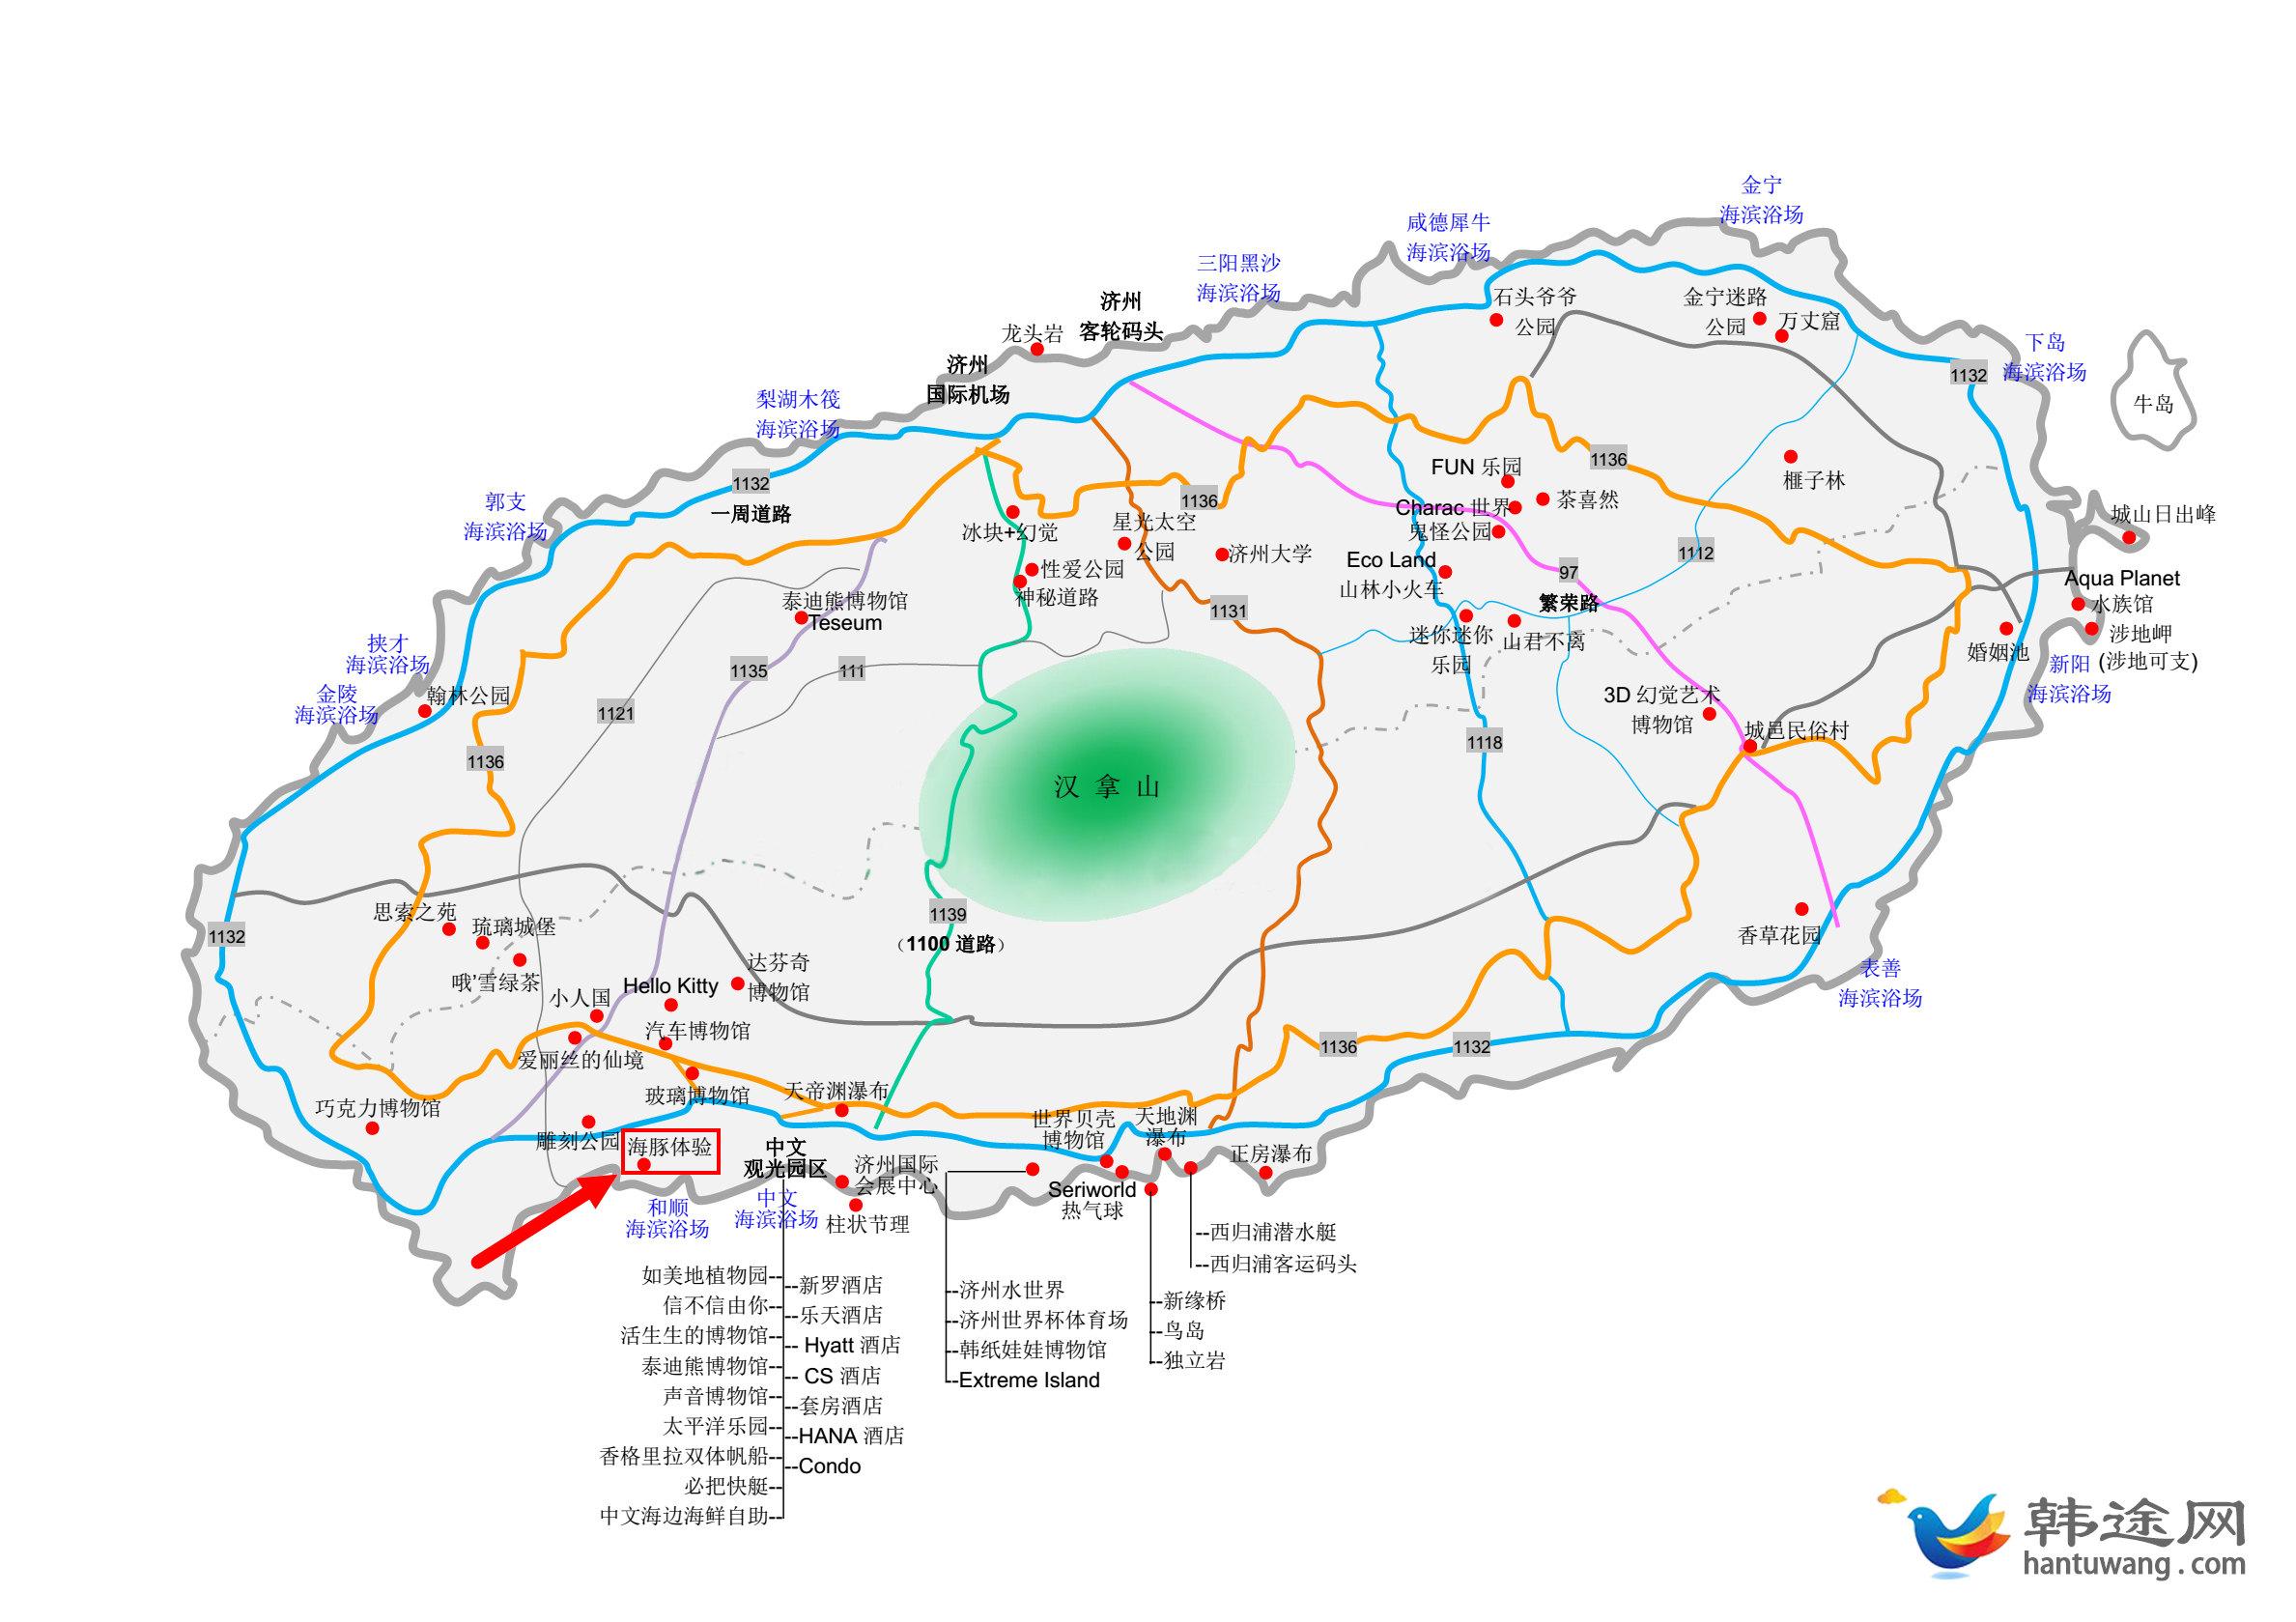 济州岛三天基本上能够把一些著名景点玩遍了,可以选择包车,也可以自助